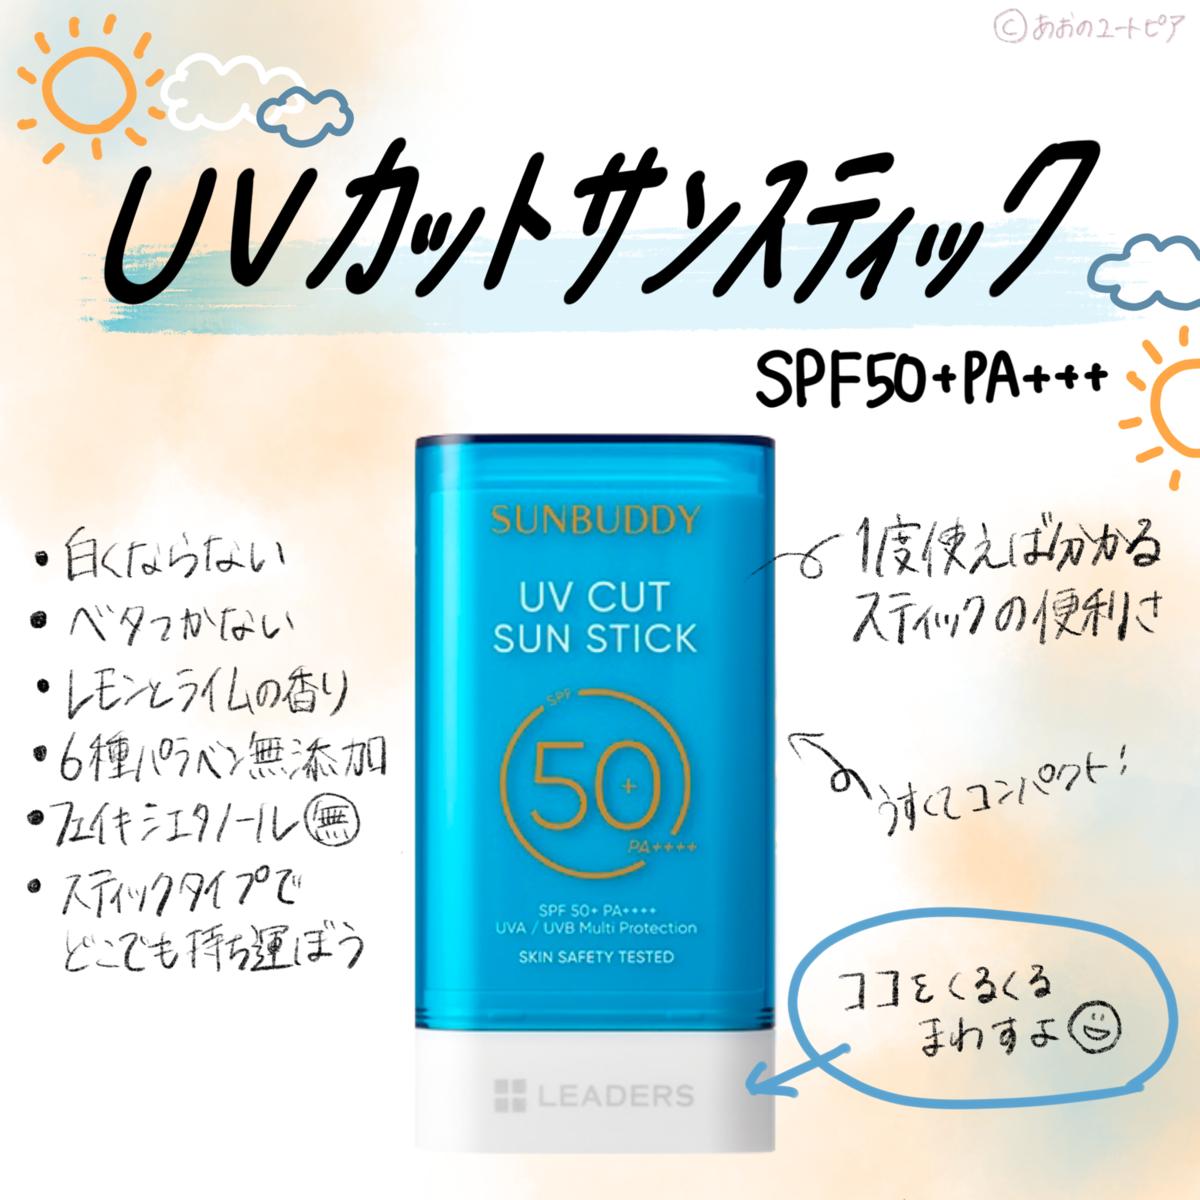 f:id:utopia_blue:20190617215815p:plain